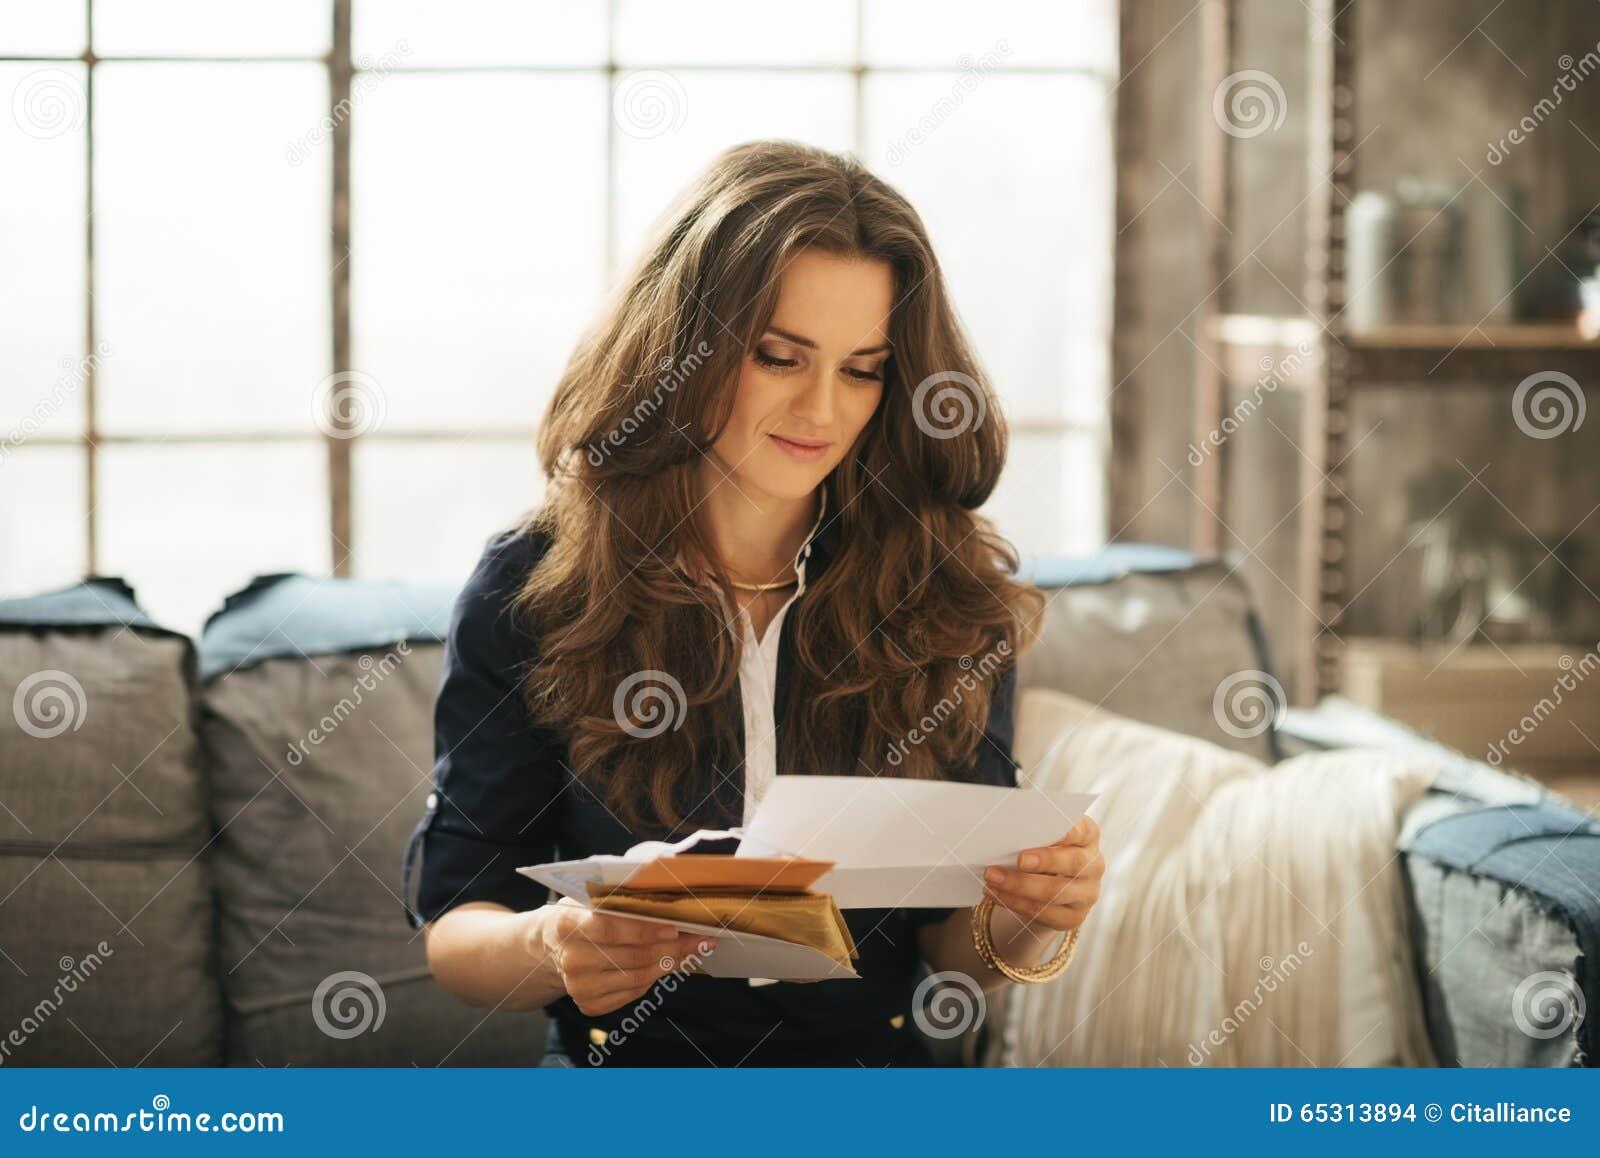 La mujer elegante se está sentando en el sofá y está leyendo correspondencia